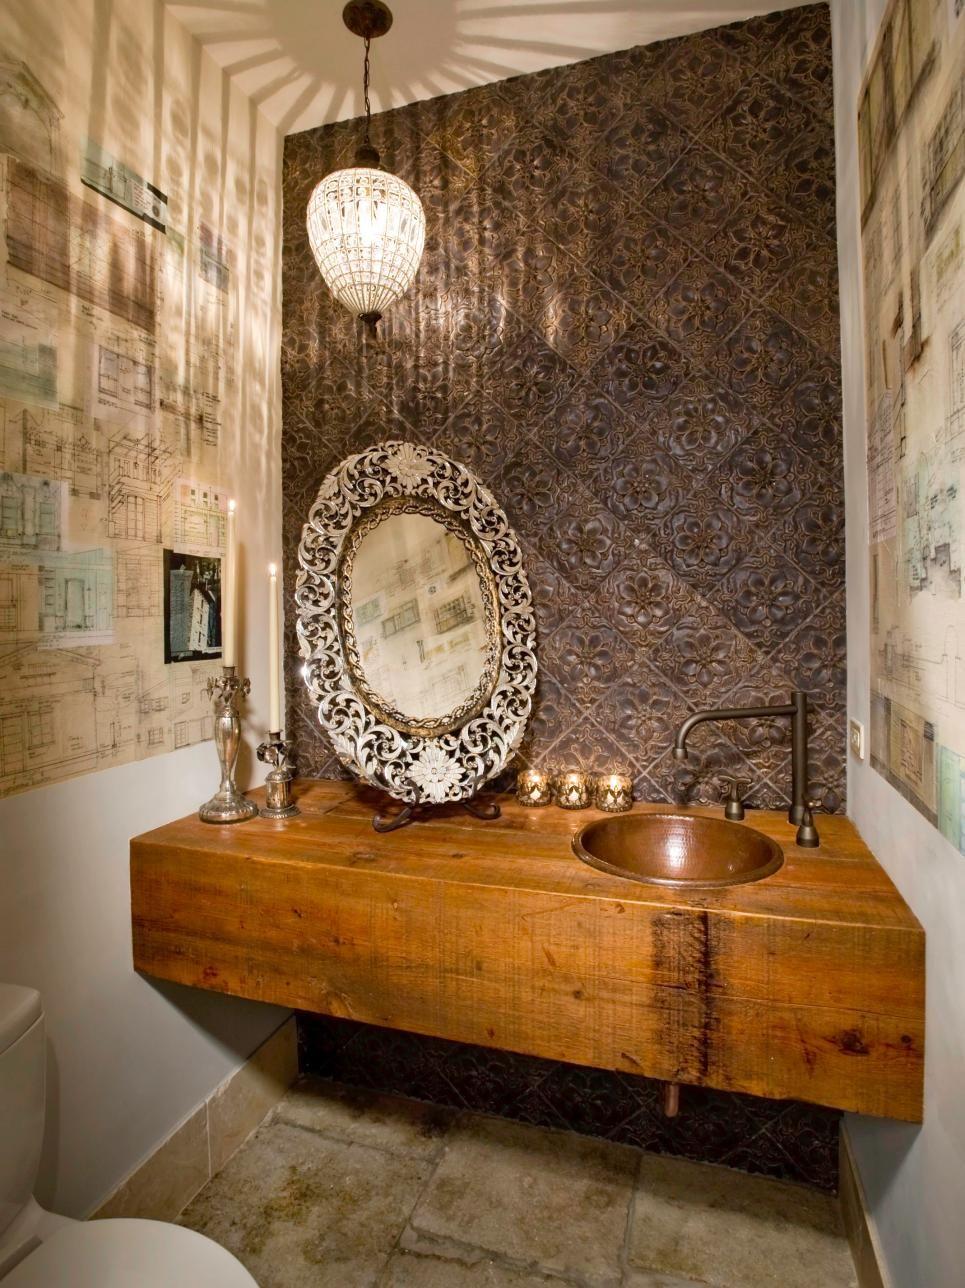 13 Dreamy Bathroom Lighting Ideas Powder Room Design Bathroom Lighting Moroccan Bathroom